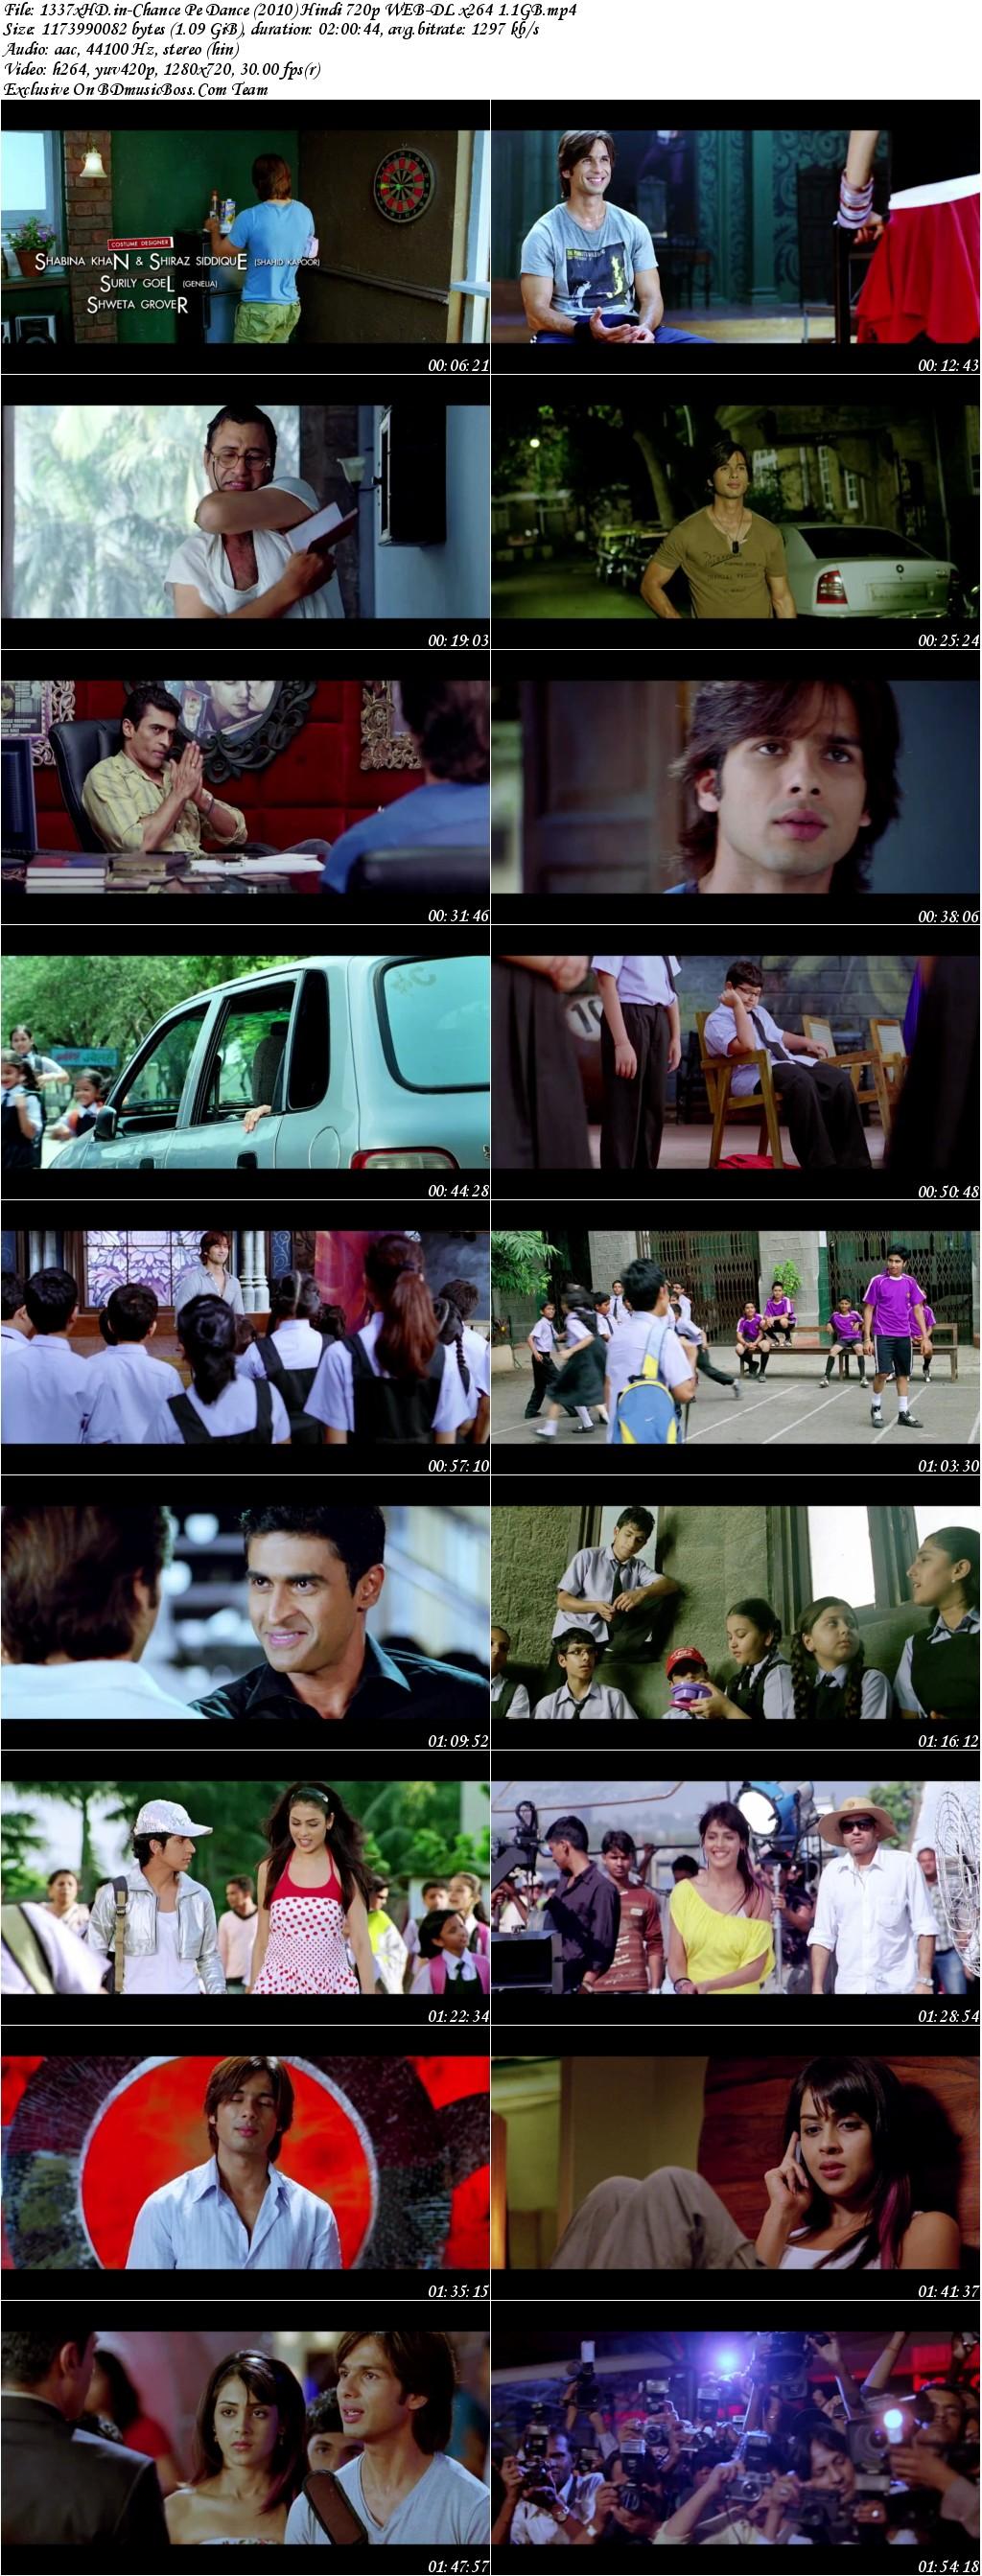 1337x-HD-in-Chance-Pe-Dance-2010-Hindi-720p-WEB-DL-x264-1-1-GB-s